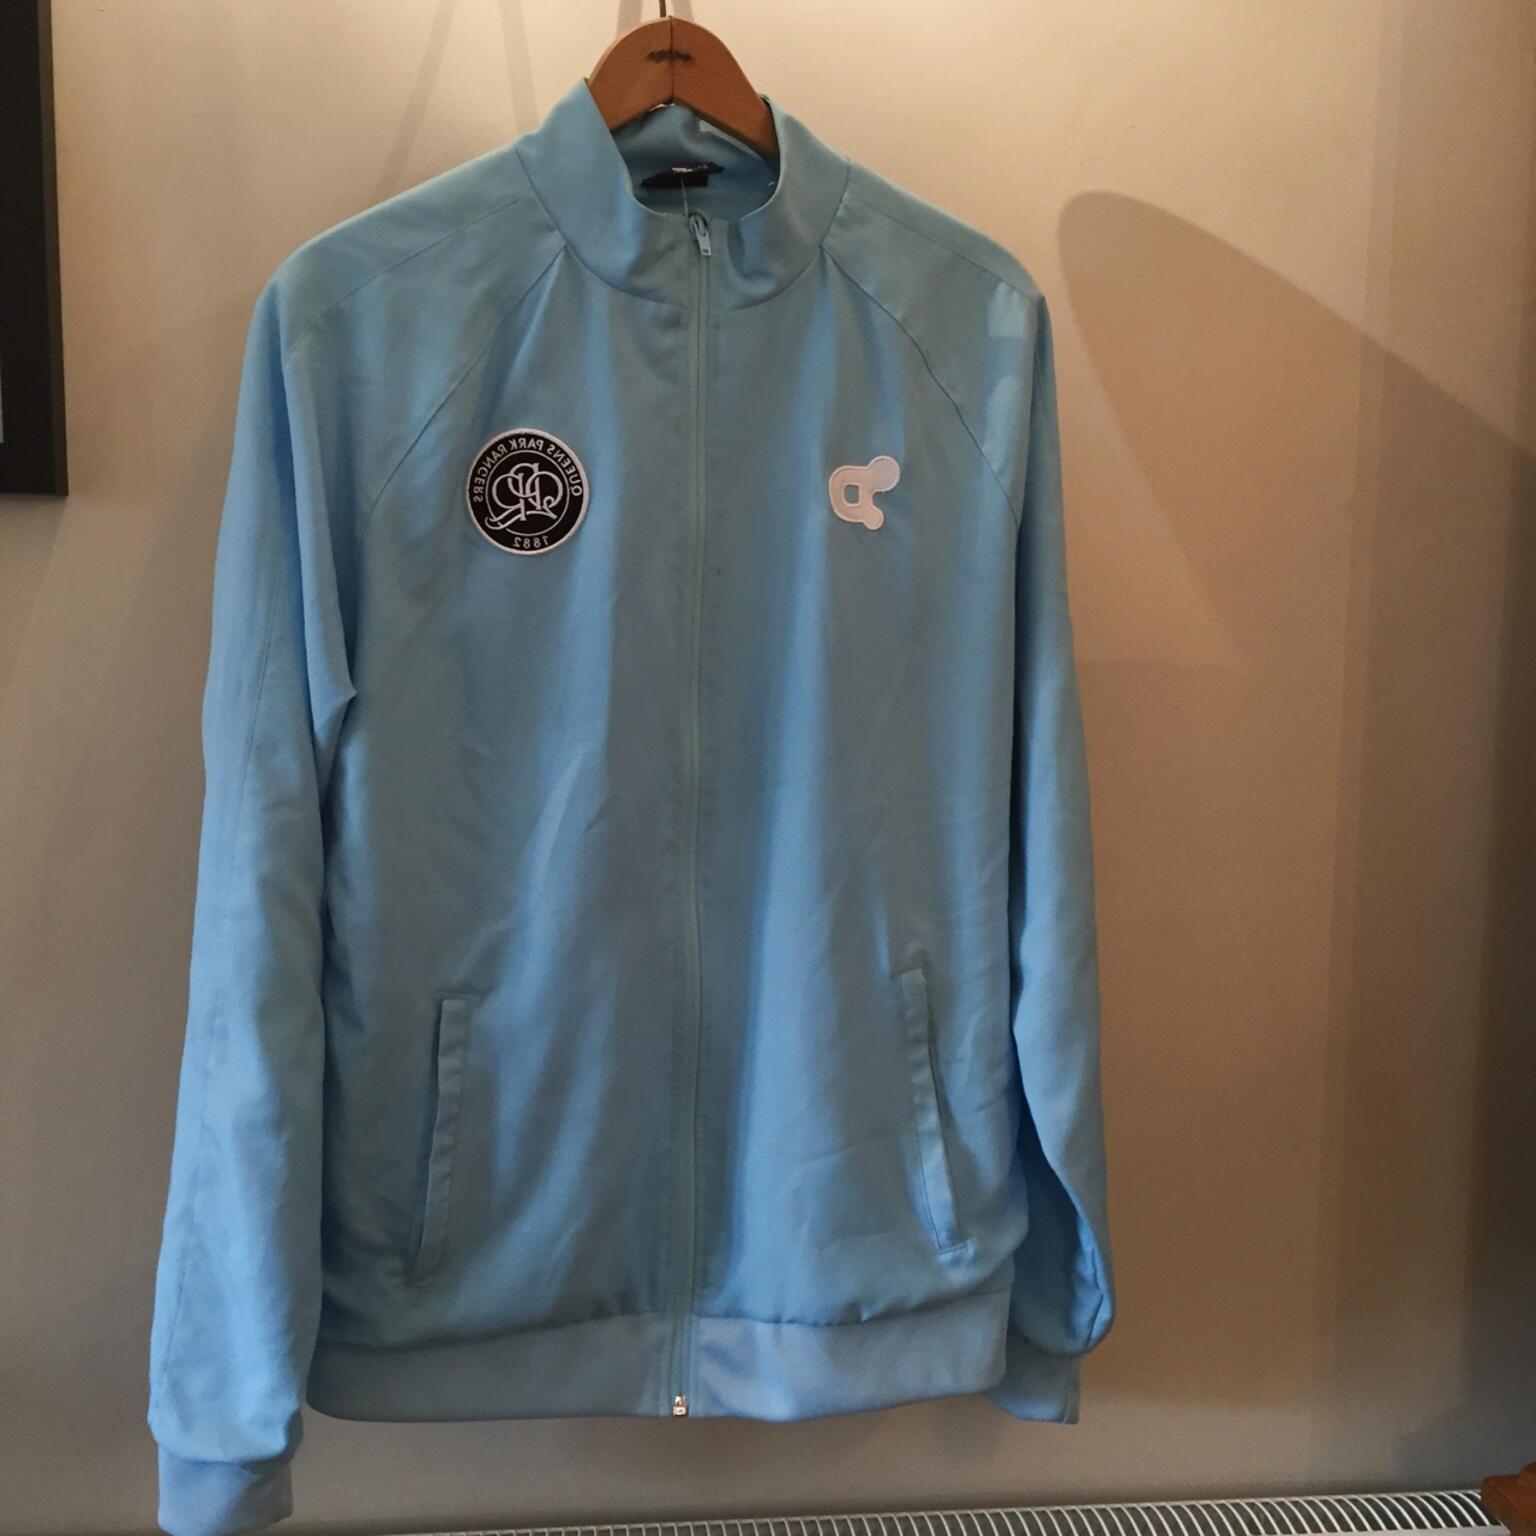 qpr jacket for sale